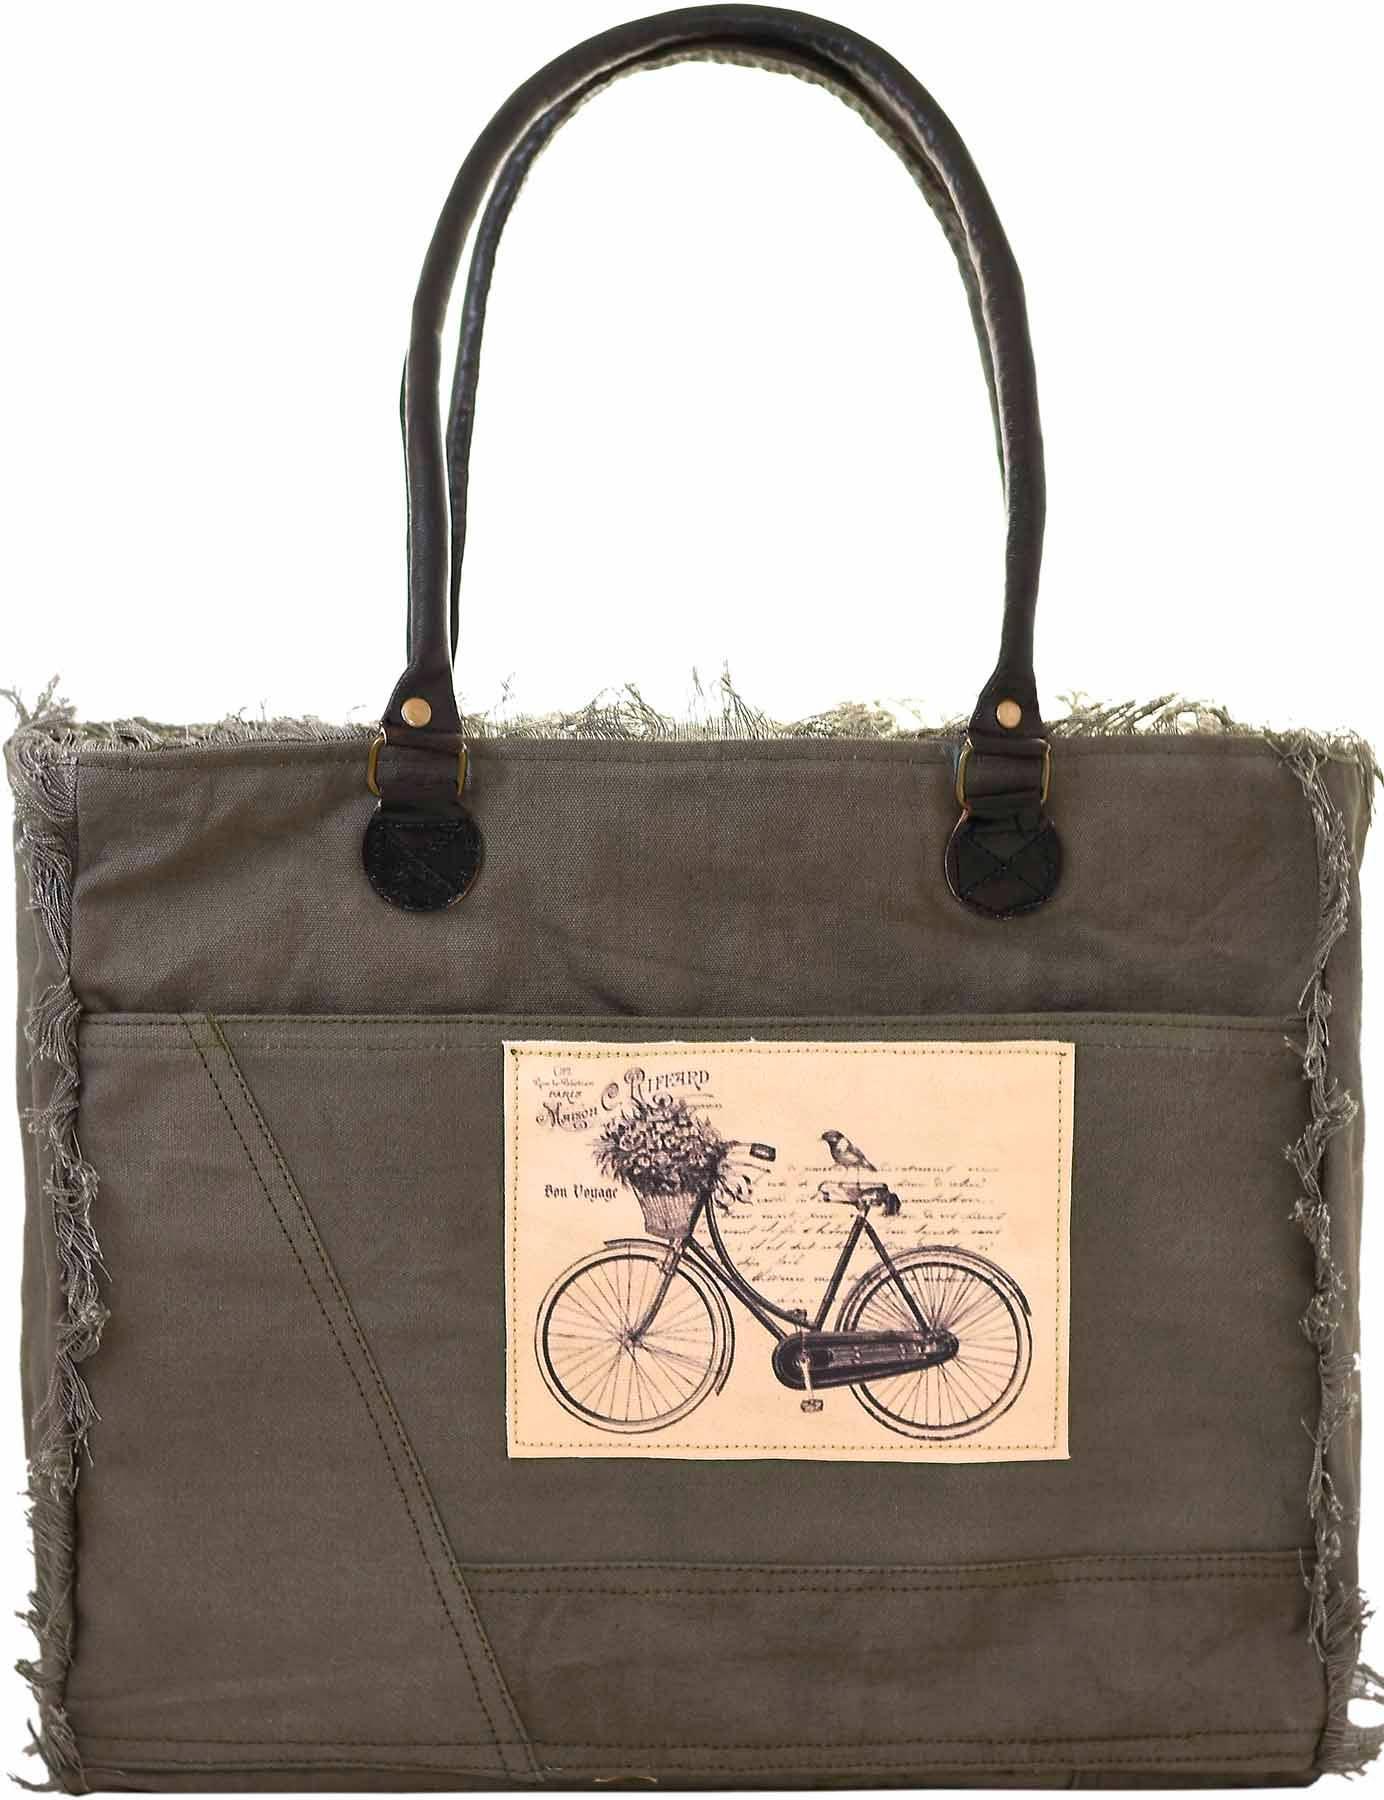 Bon Voyage Bicycle Canvas Tote   Trada Marketplace